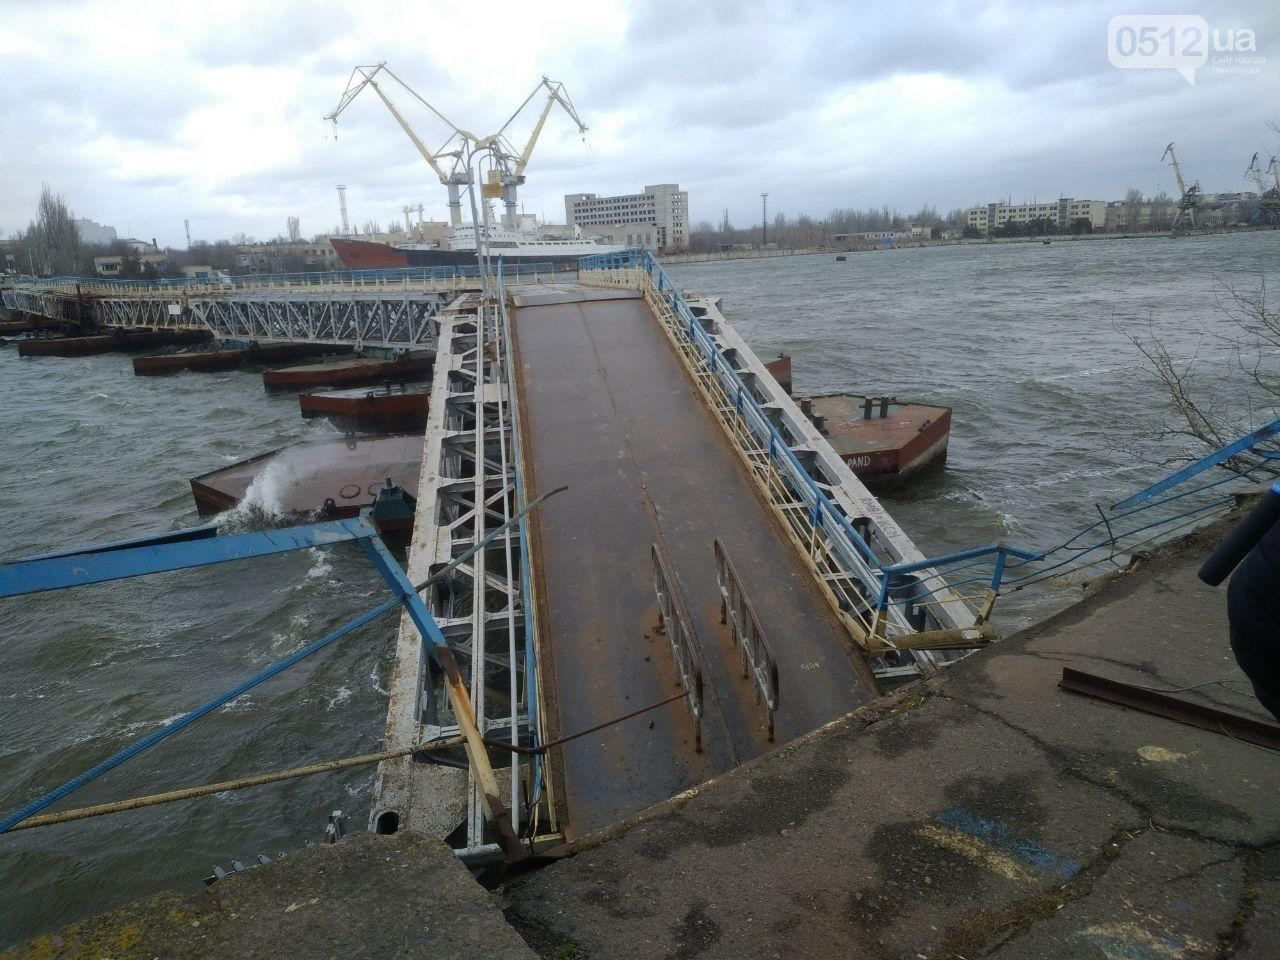 В Николаеве закончили ремонт понтонного моста, который в феврале рухнул из-за ветра, - ФОТО, фото-1